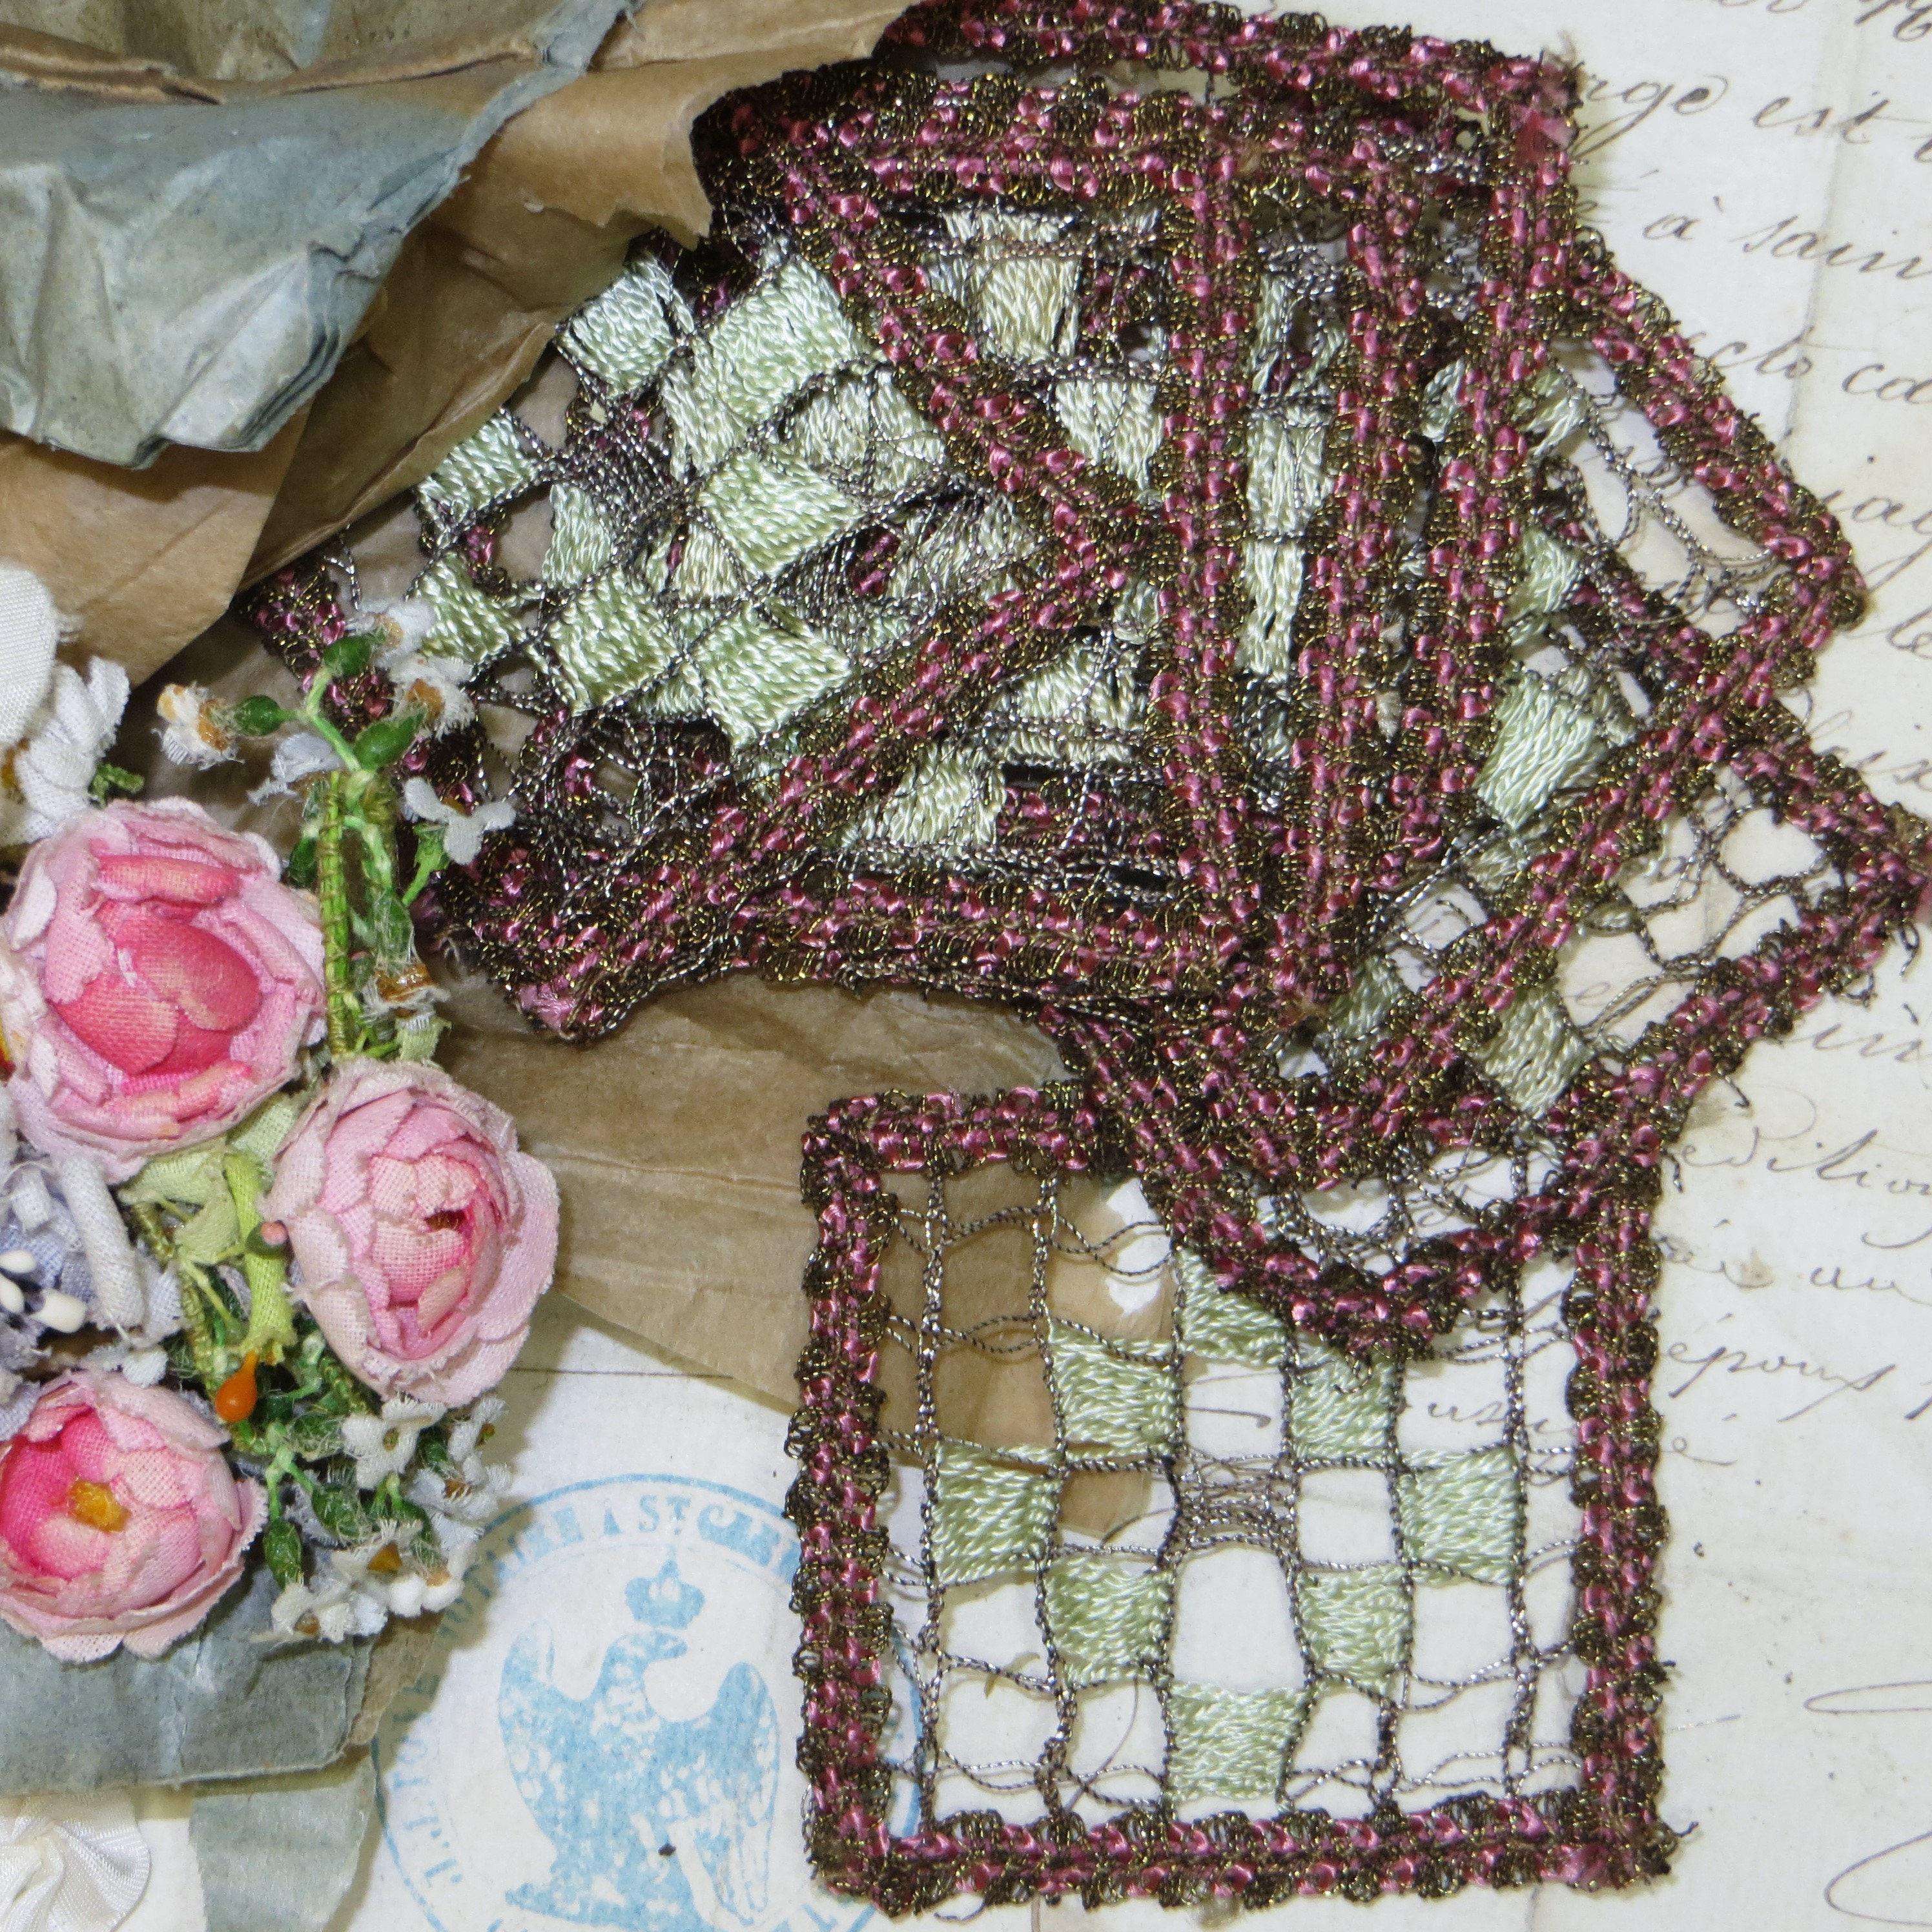 des années 1920 appliques en métal rose Antique Français fil céleri  métallique or broderie Bronze lingots 99d90820298